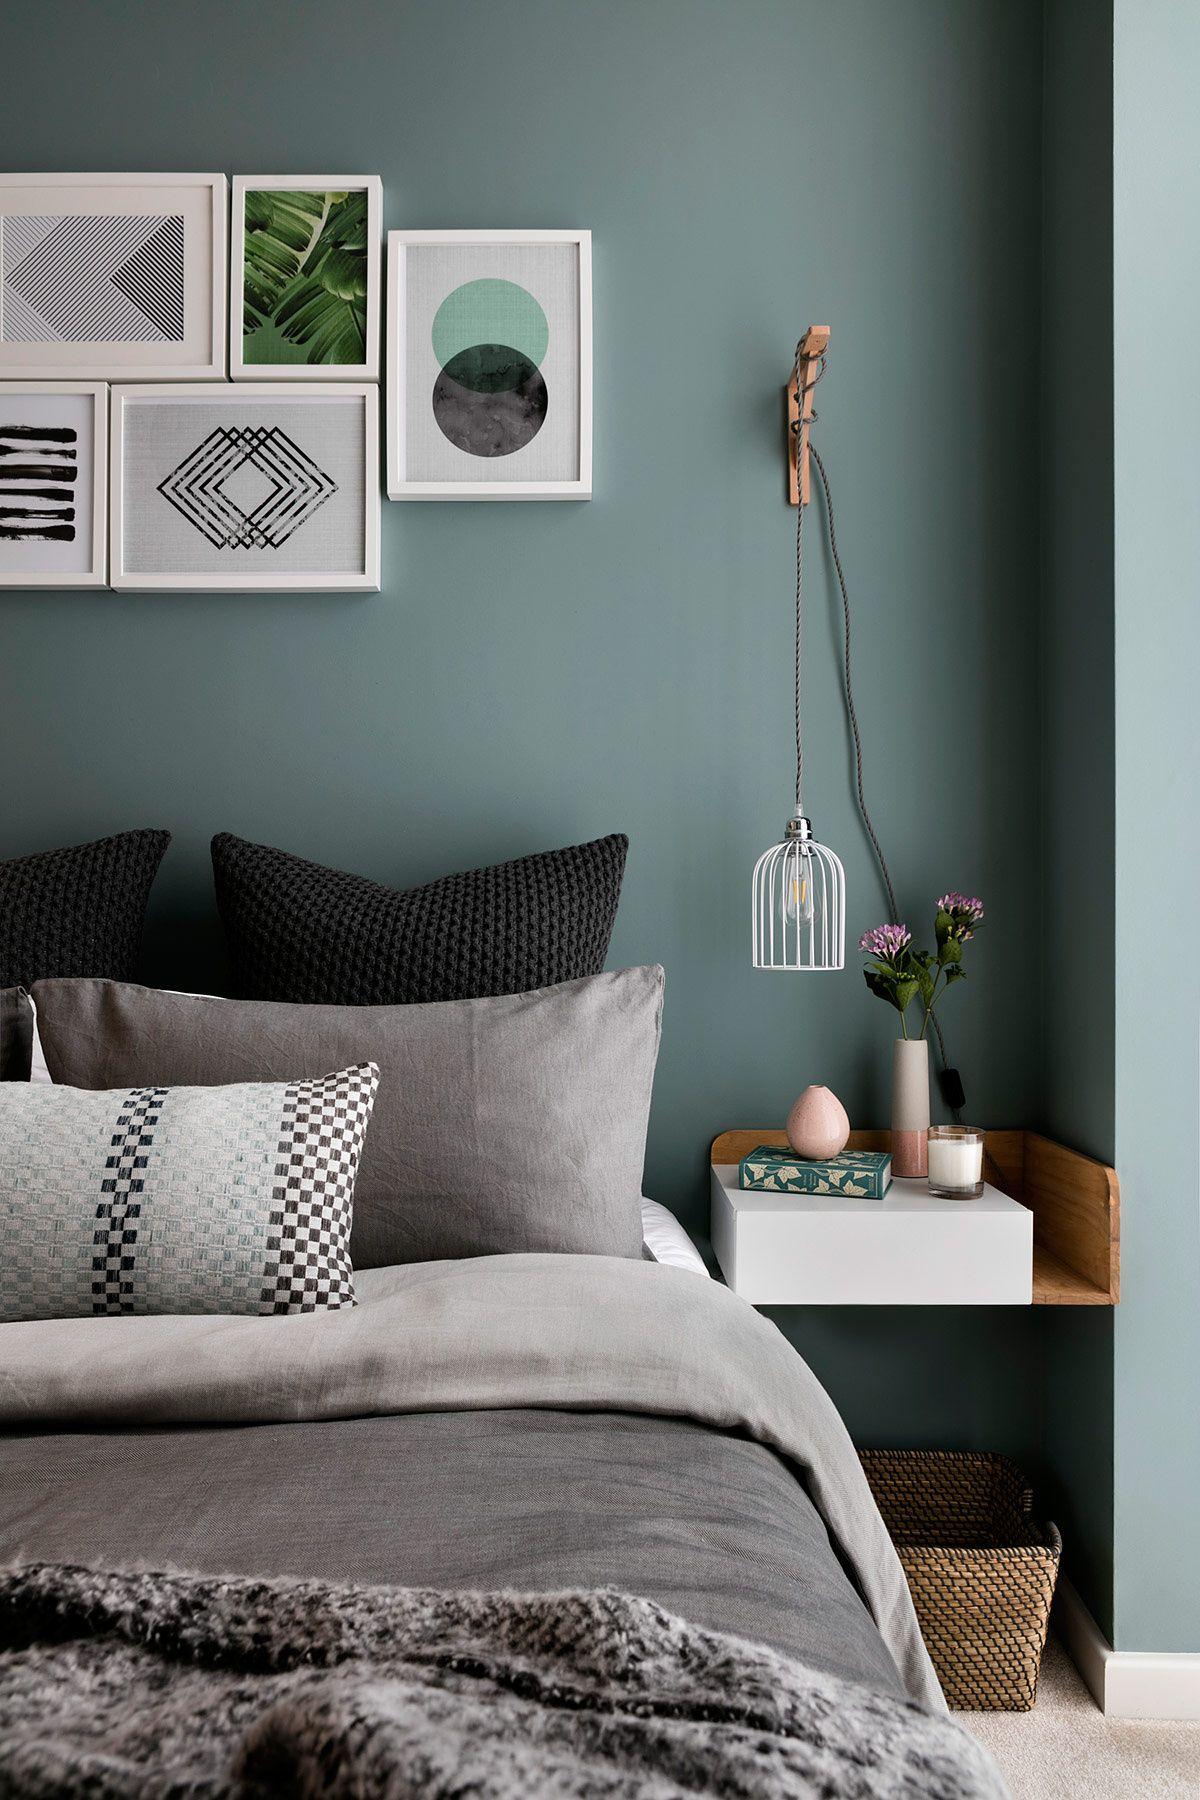 Estilo zen en tu habitaci n ideas 3 recamara dormitorio deco y interiores - Habitacion estilo zen ...